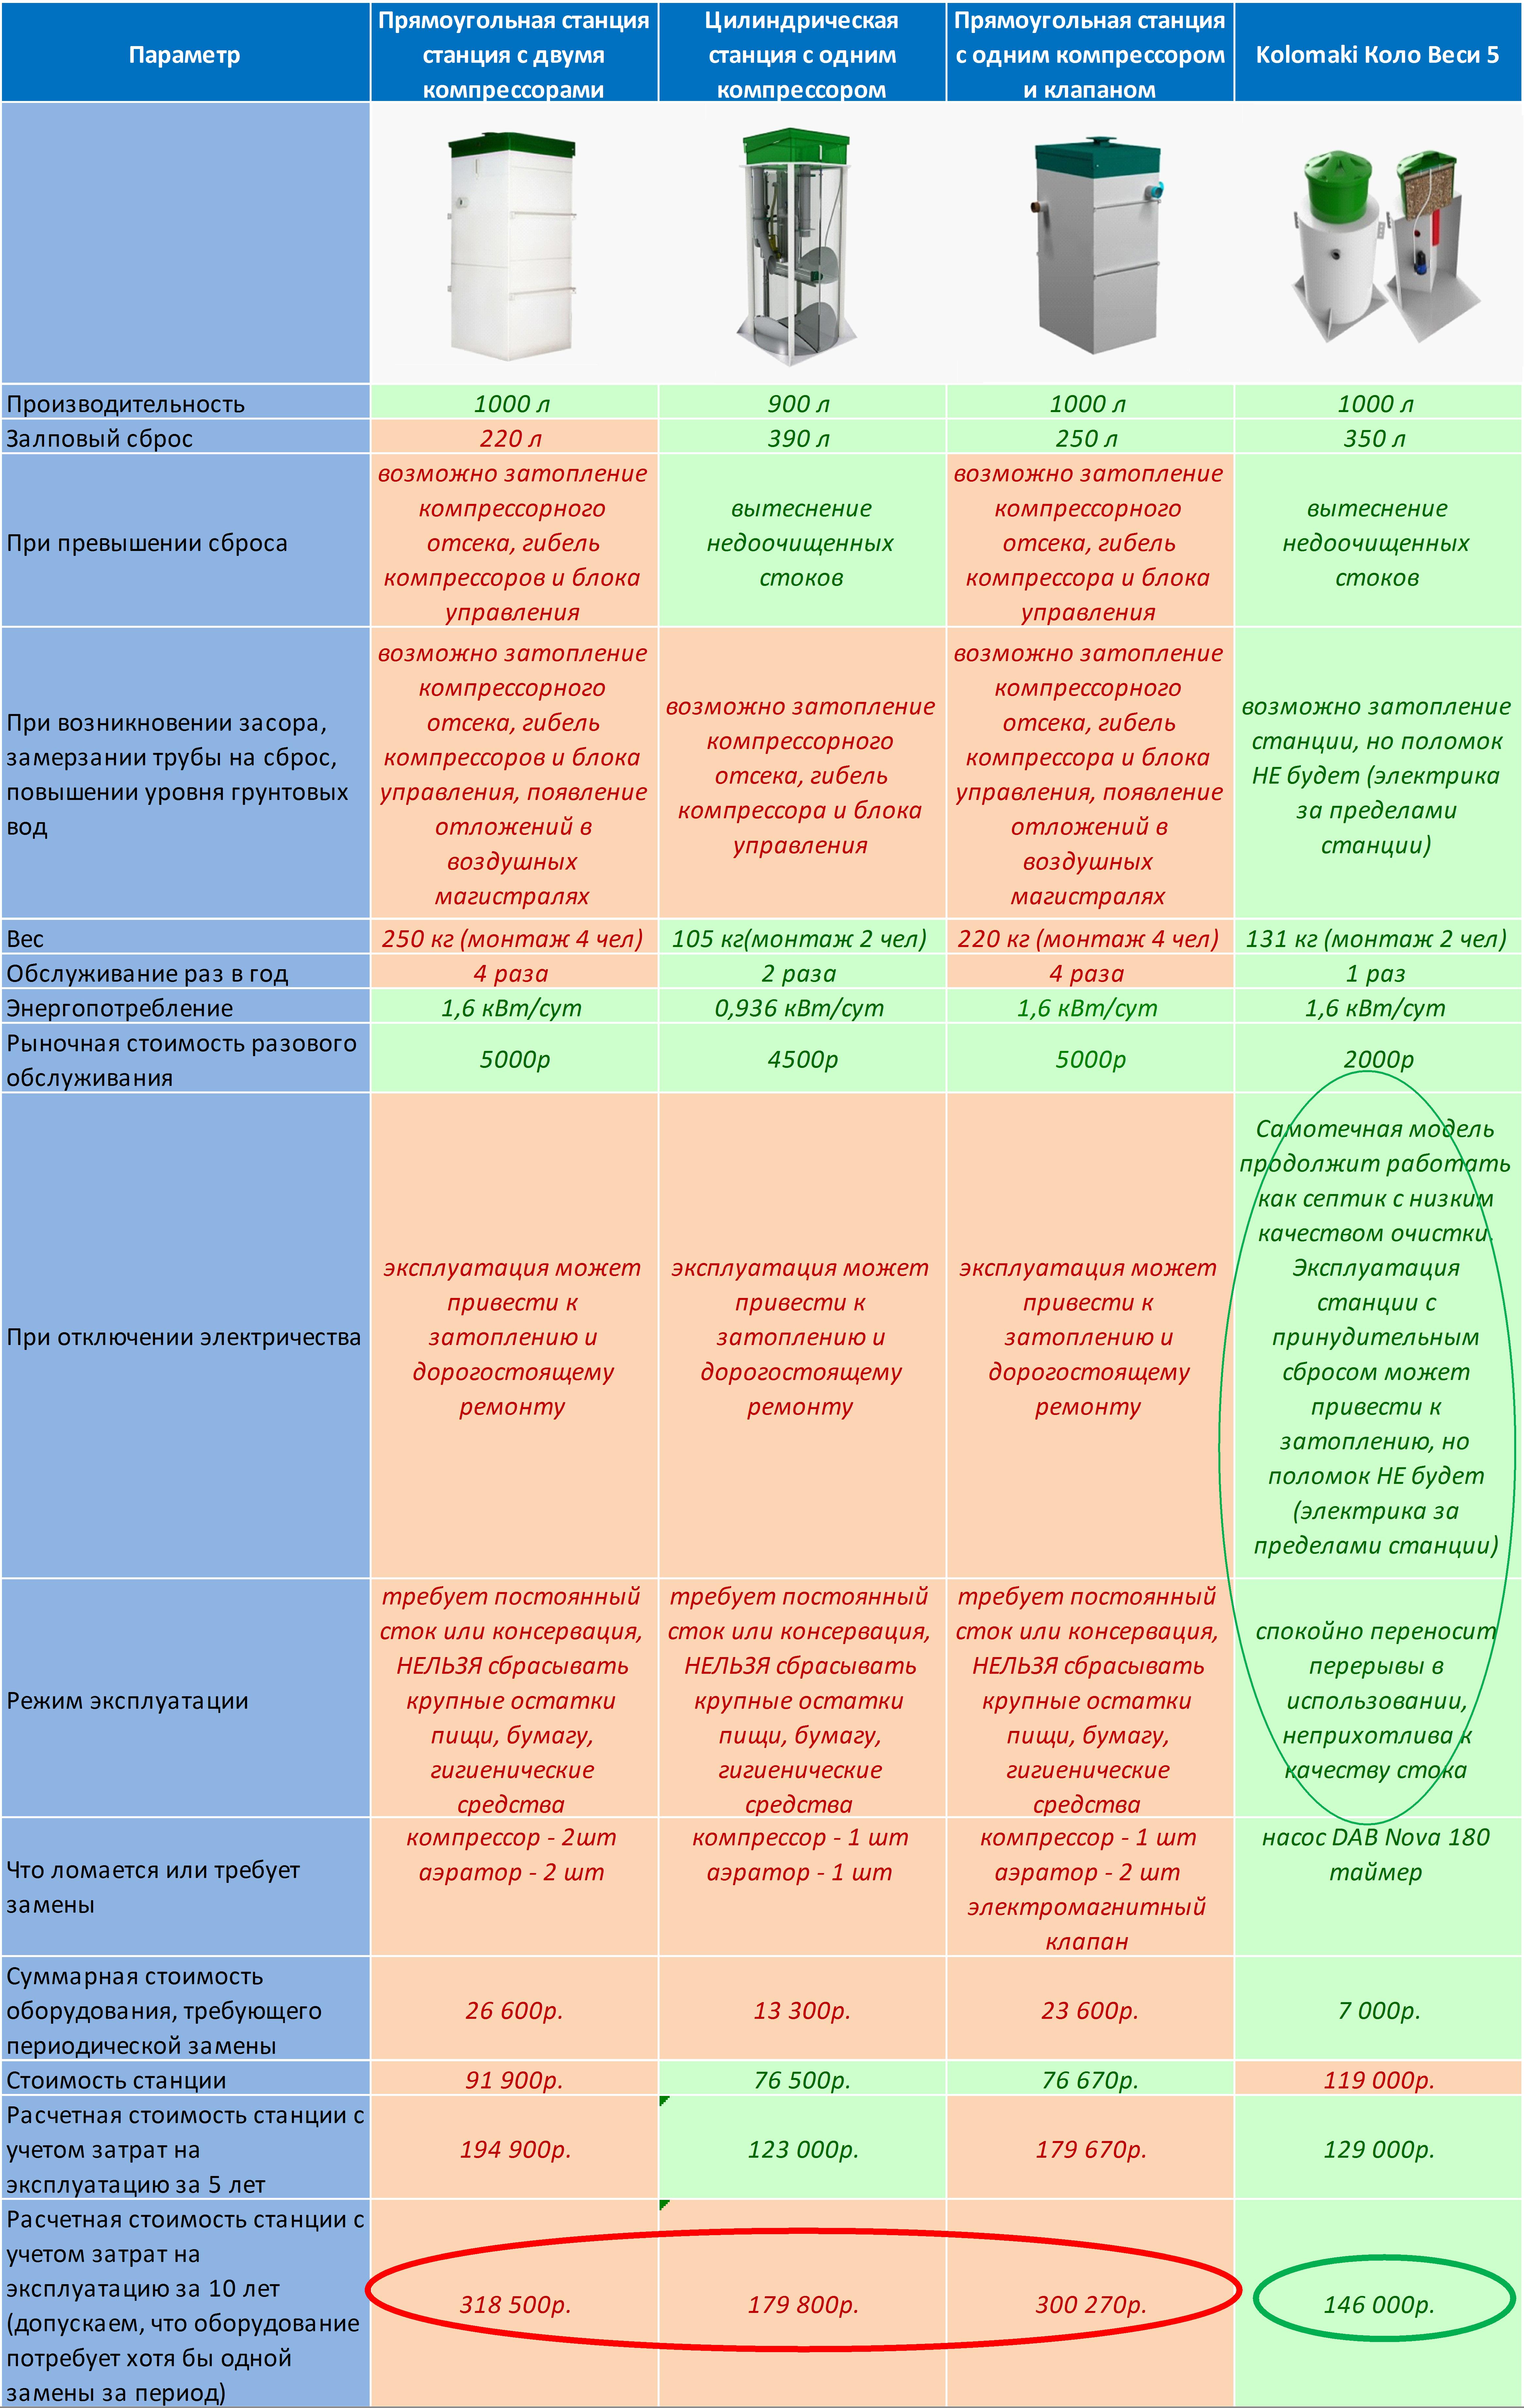 сравнение автономных канализаций биостанций